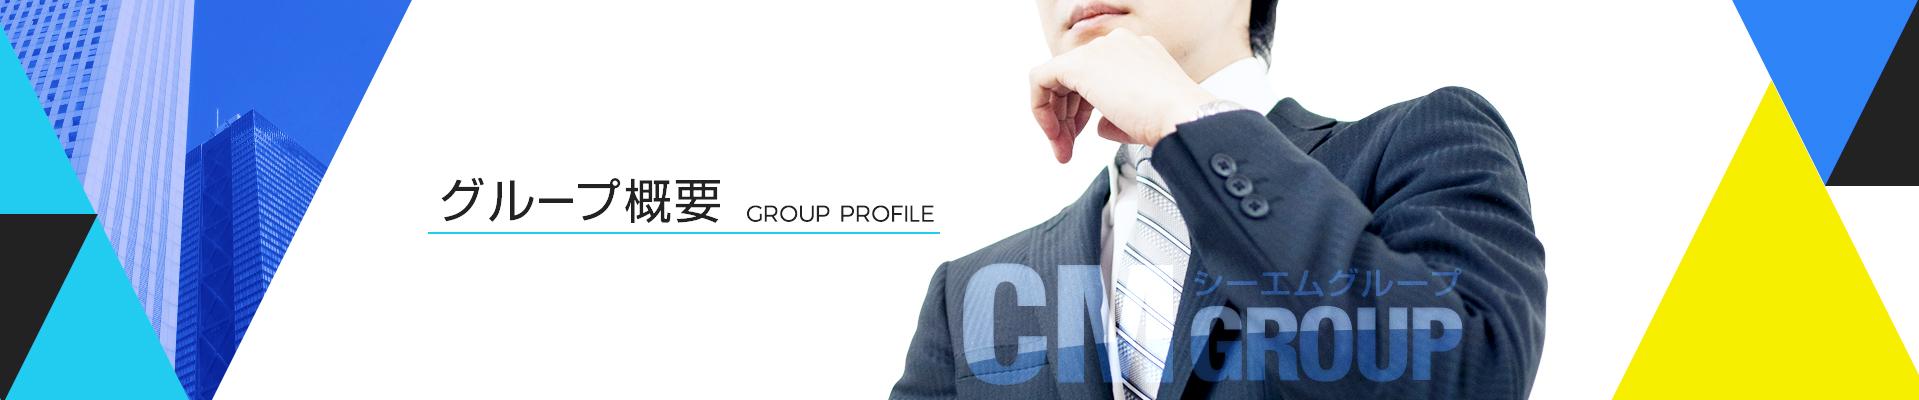 「高収入男性求人情報「CM GROUP シーエムグループ」」高収入男性求人情報「CM GROUP シーエムグループ」は高い目標を掲げ日々前進していく活気合溢れるグループです